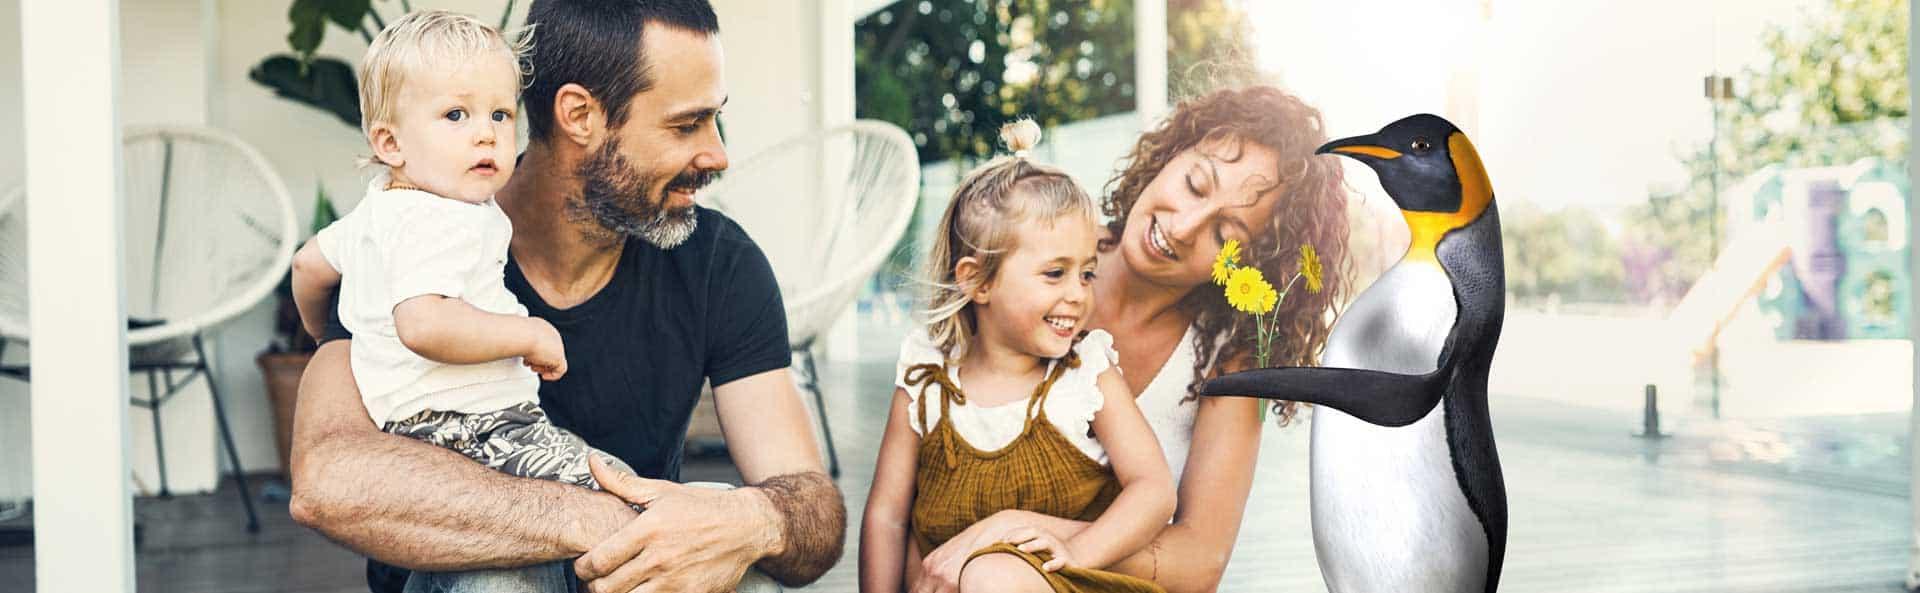 JO mit Familie auf Terrasse